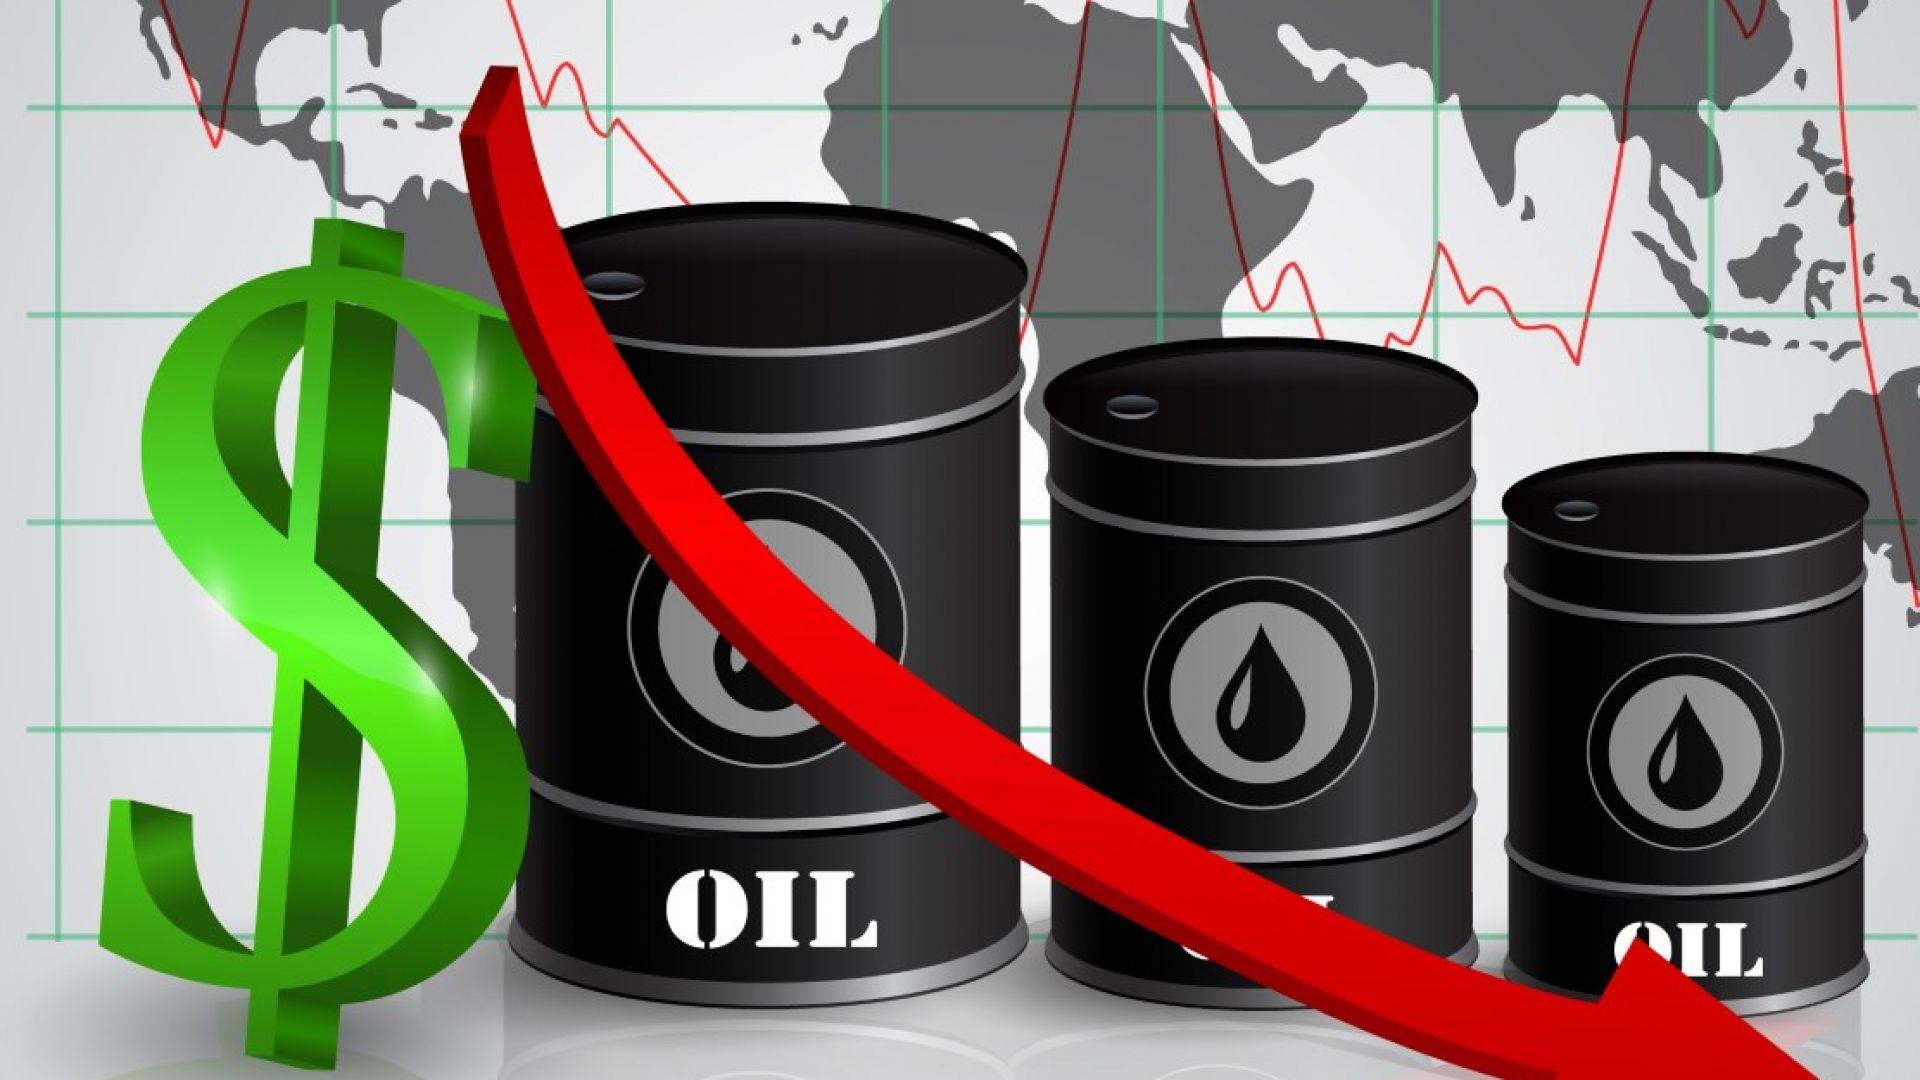 2019 година започна с понижение на цените на петрола